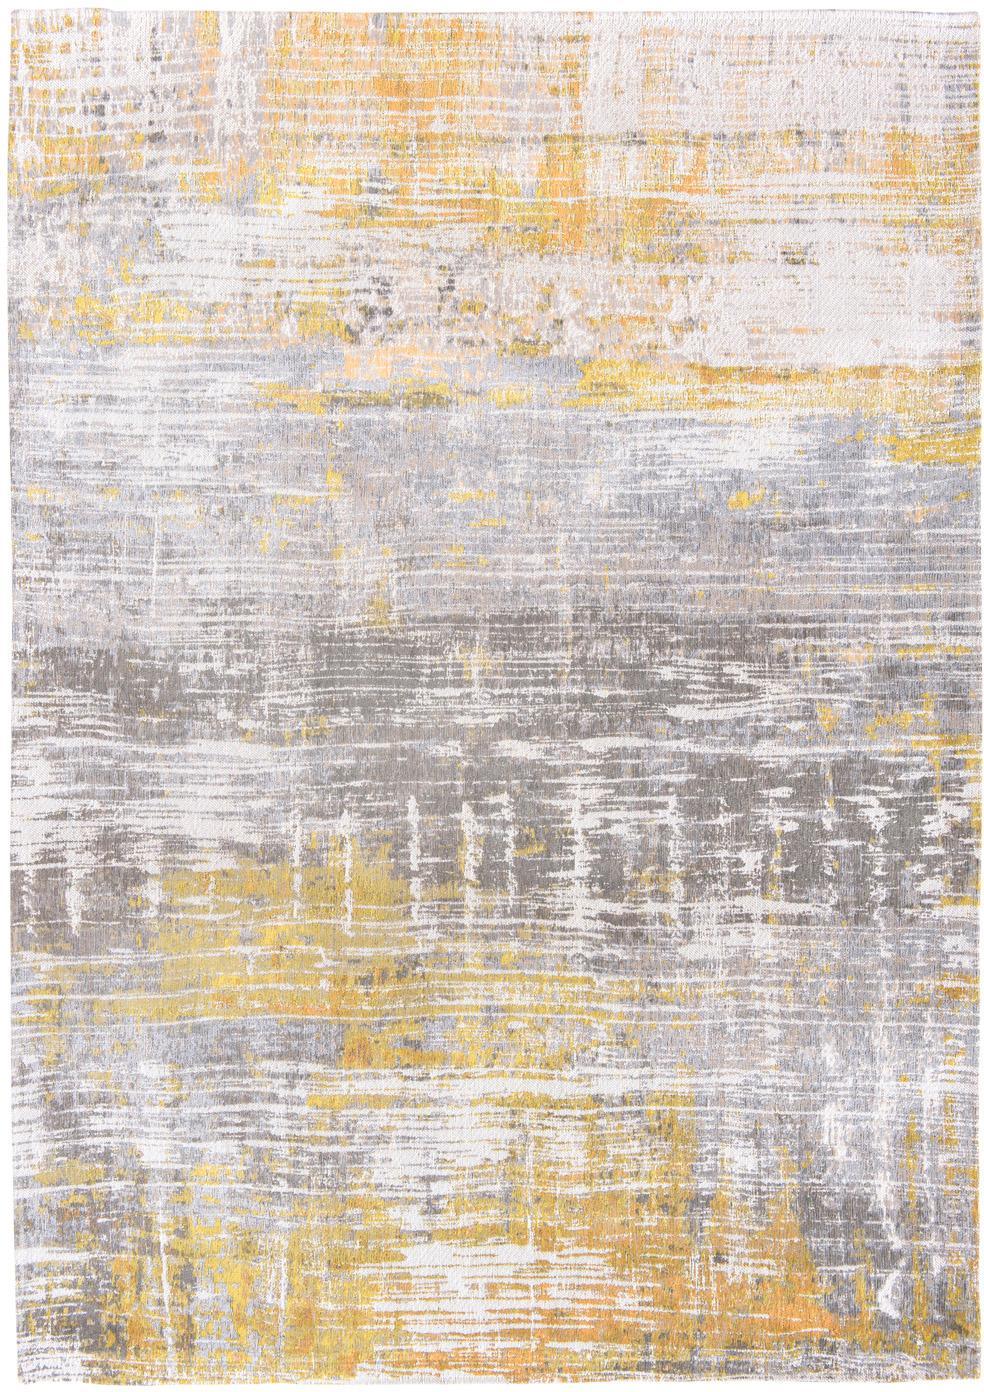 Designteppich Streaks in Grau/Gelb, Vorderseite: 85%Baumwolle, 15%hochgl, Webart: Jacquard, Rückseite: Baumwollgemisch, latexbes, Gelb, Grau, Weiß, B 230 x L 330 cm (Größe L)